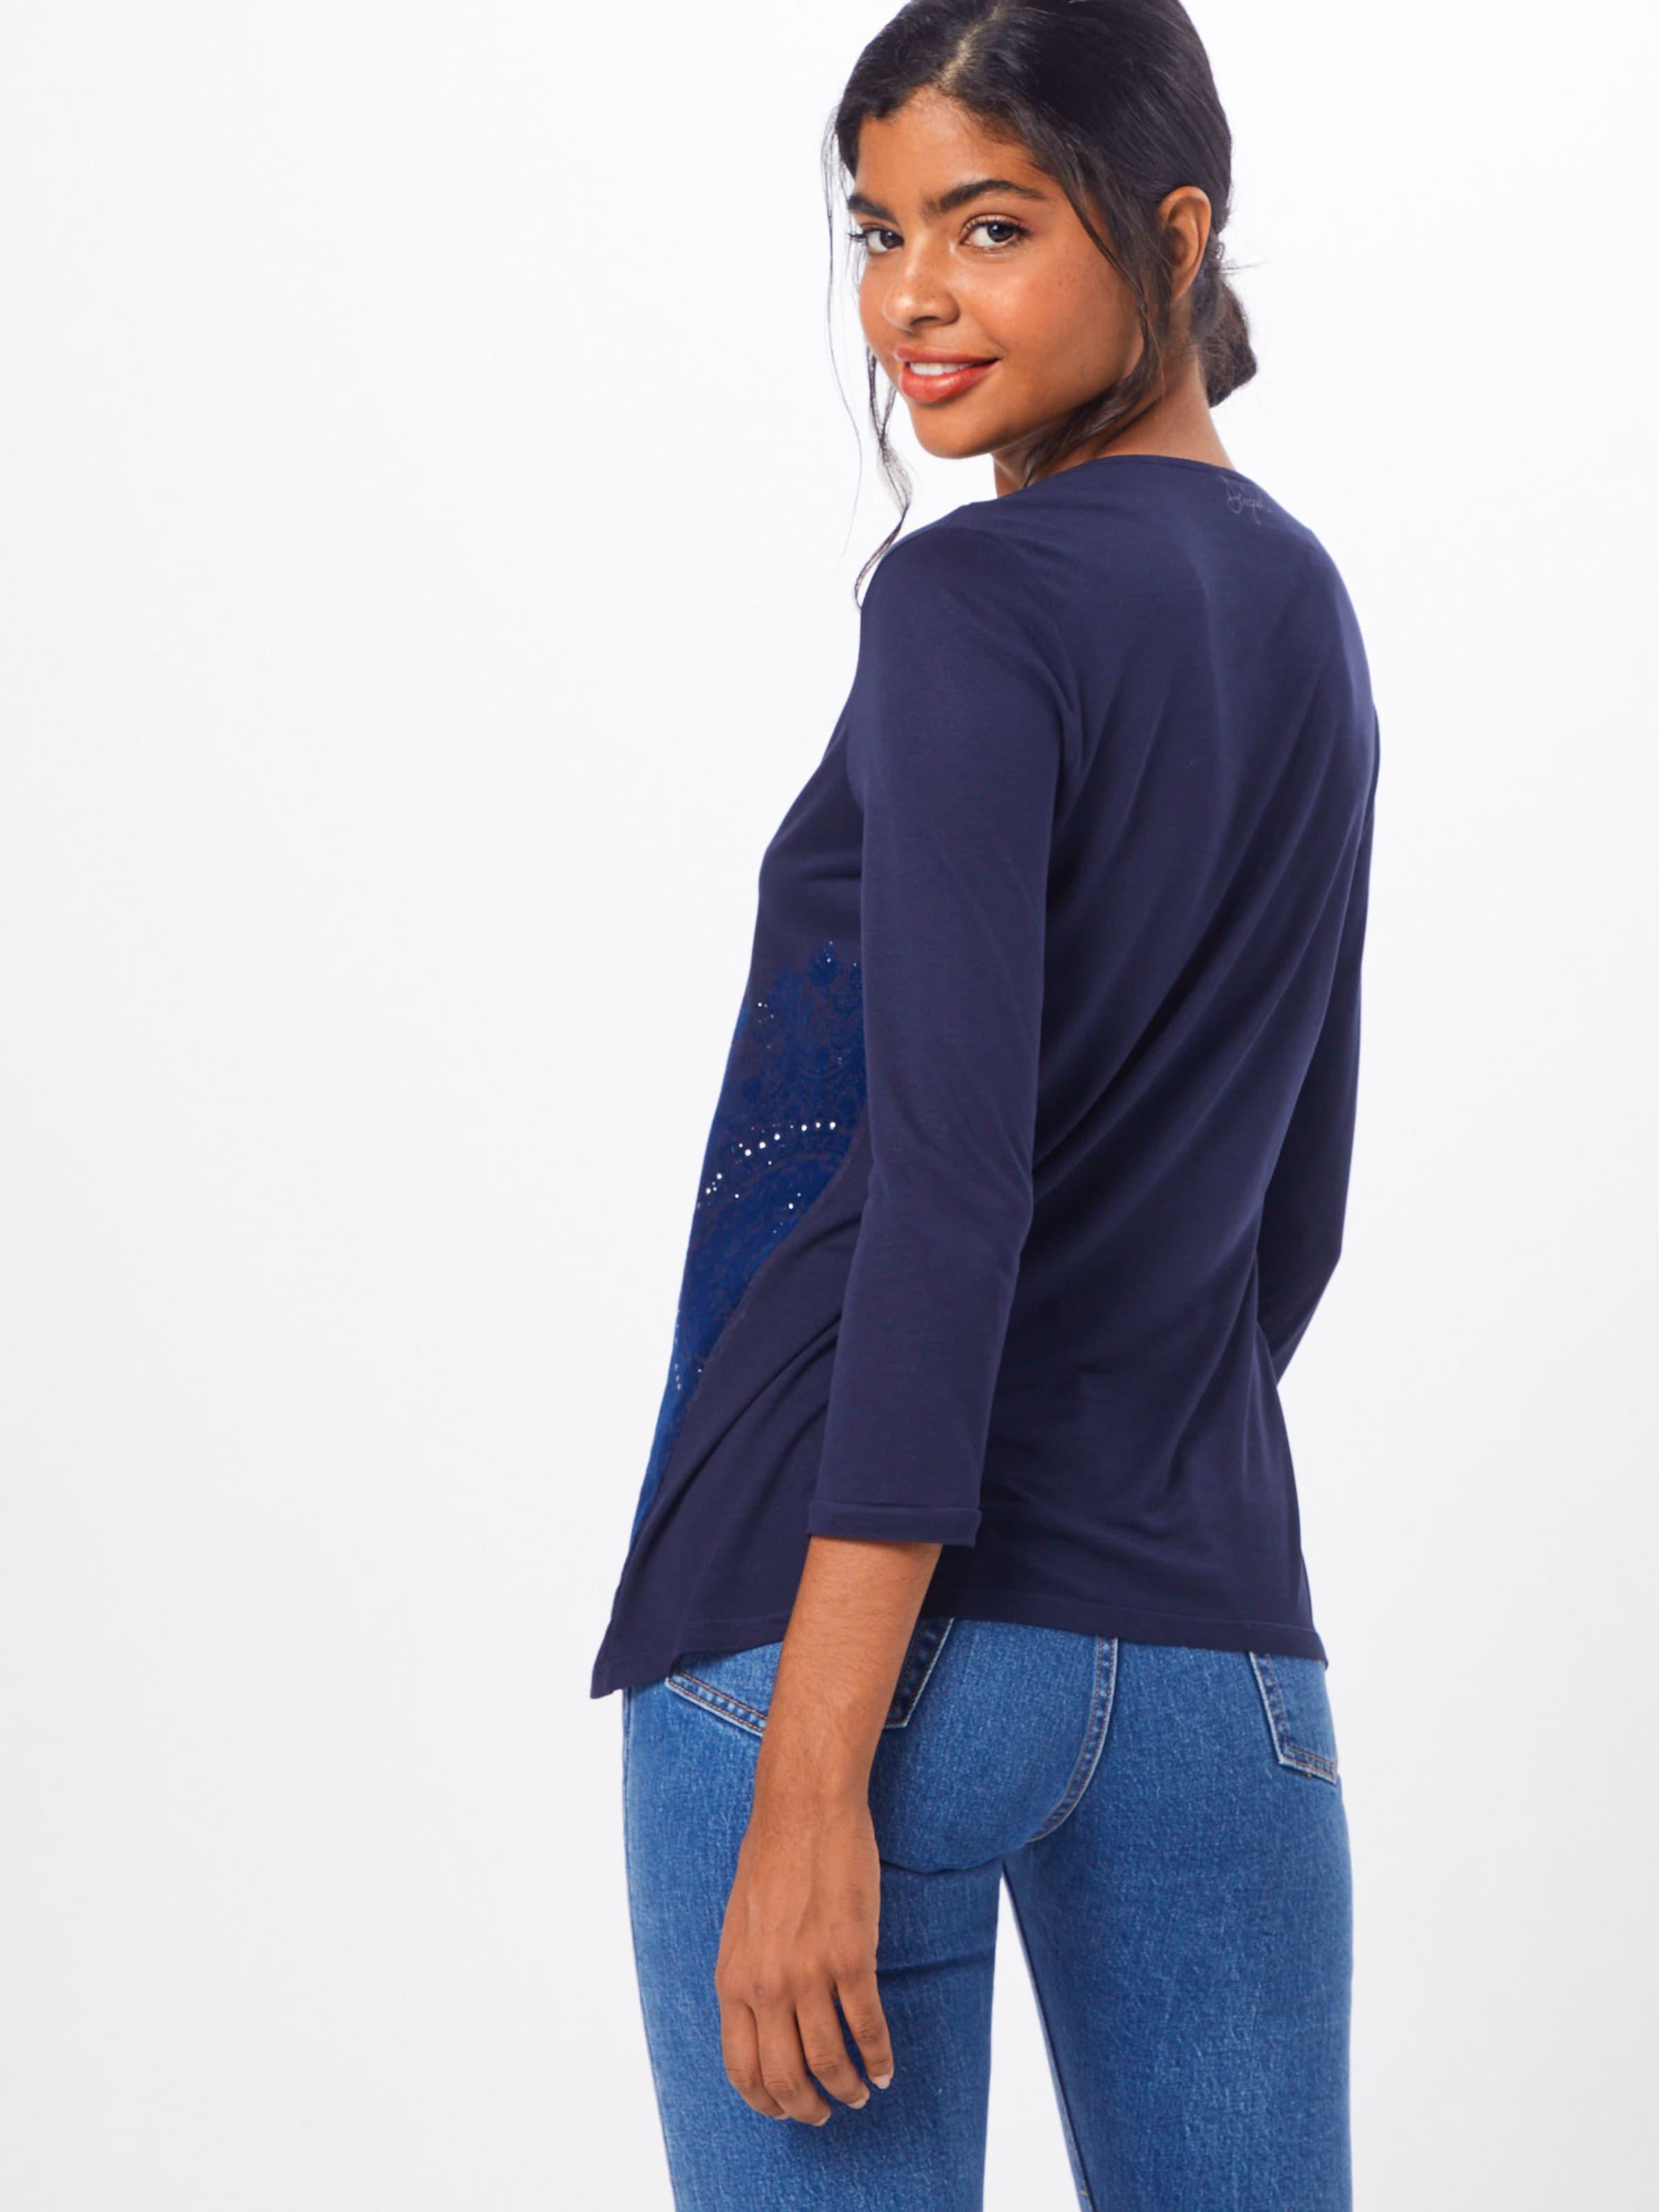 Desigual shirt T En Marine Bleu 'lorren' Okn0wN8PXZ